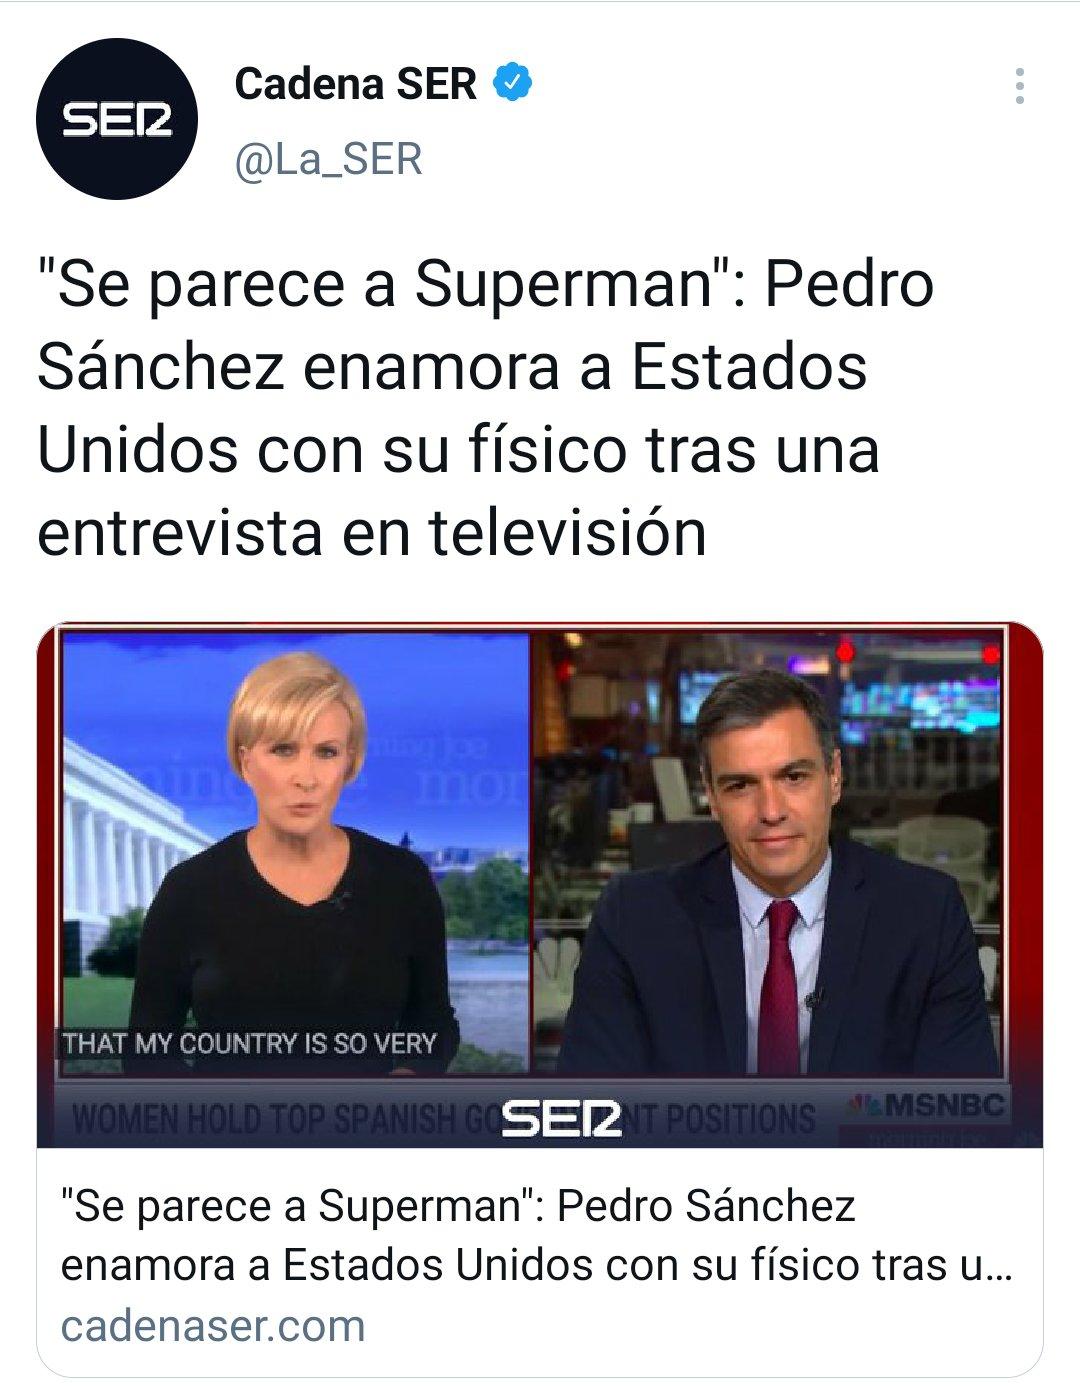 Fundación ideas y grupo PRISA, Pedro Sánchez Susana Díaz & Co, el topic del PSOE - Página 19 E66FKzgVgAQ67w6?format=jpg&name=large